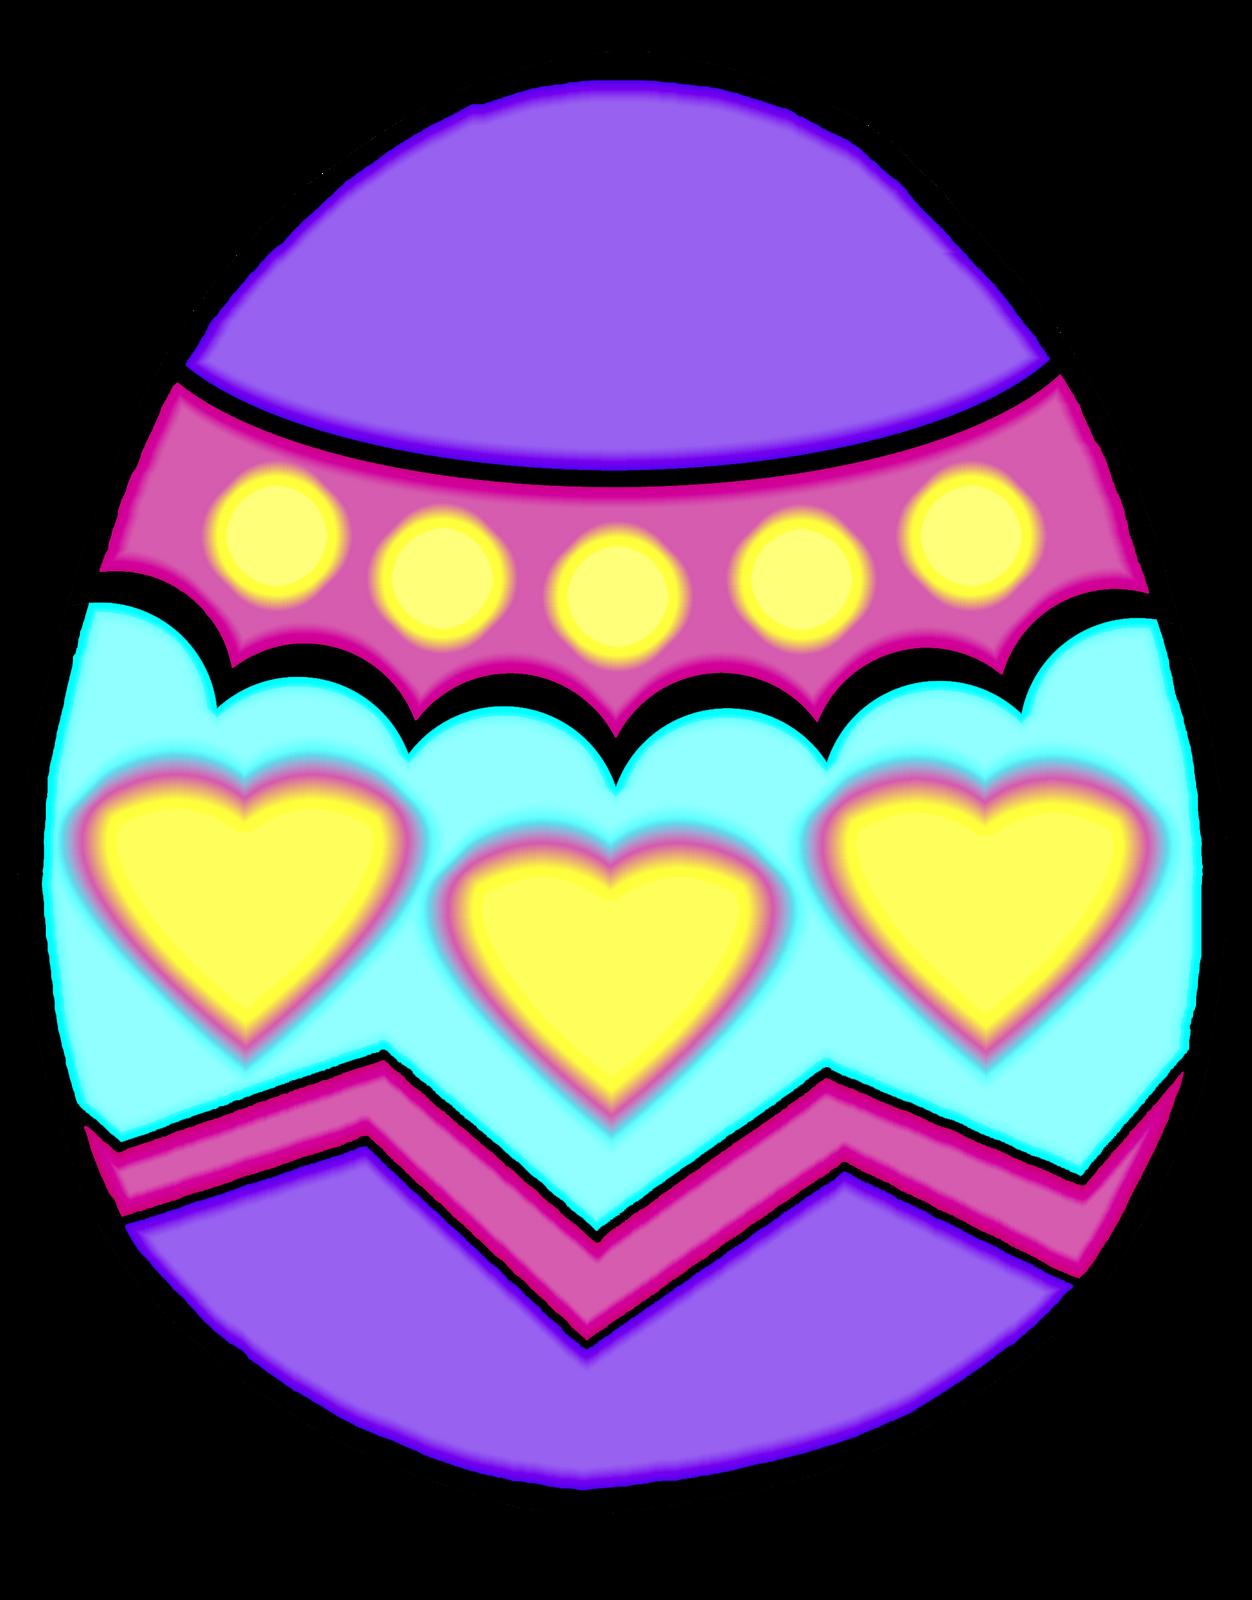 Easter Egg Clip Art - Easter Eggs Clip Art